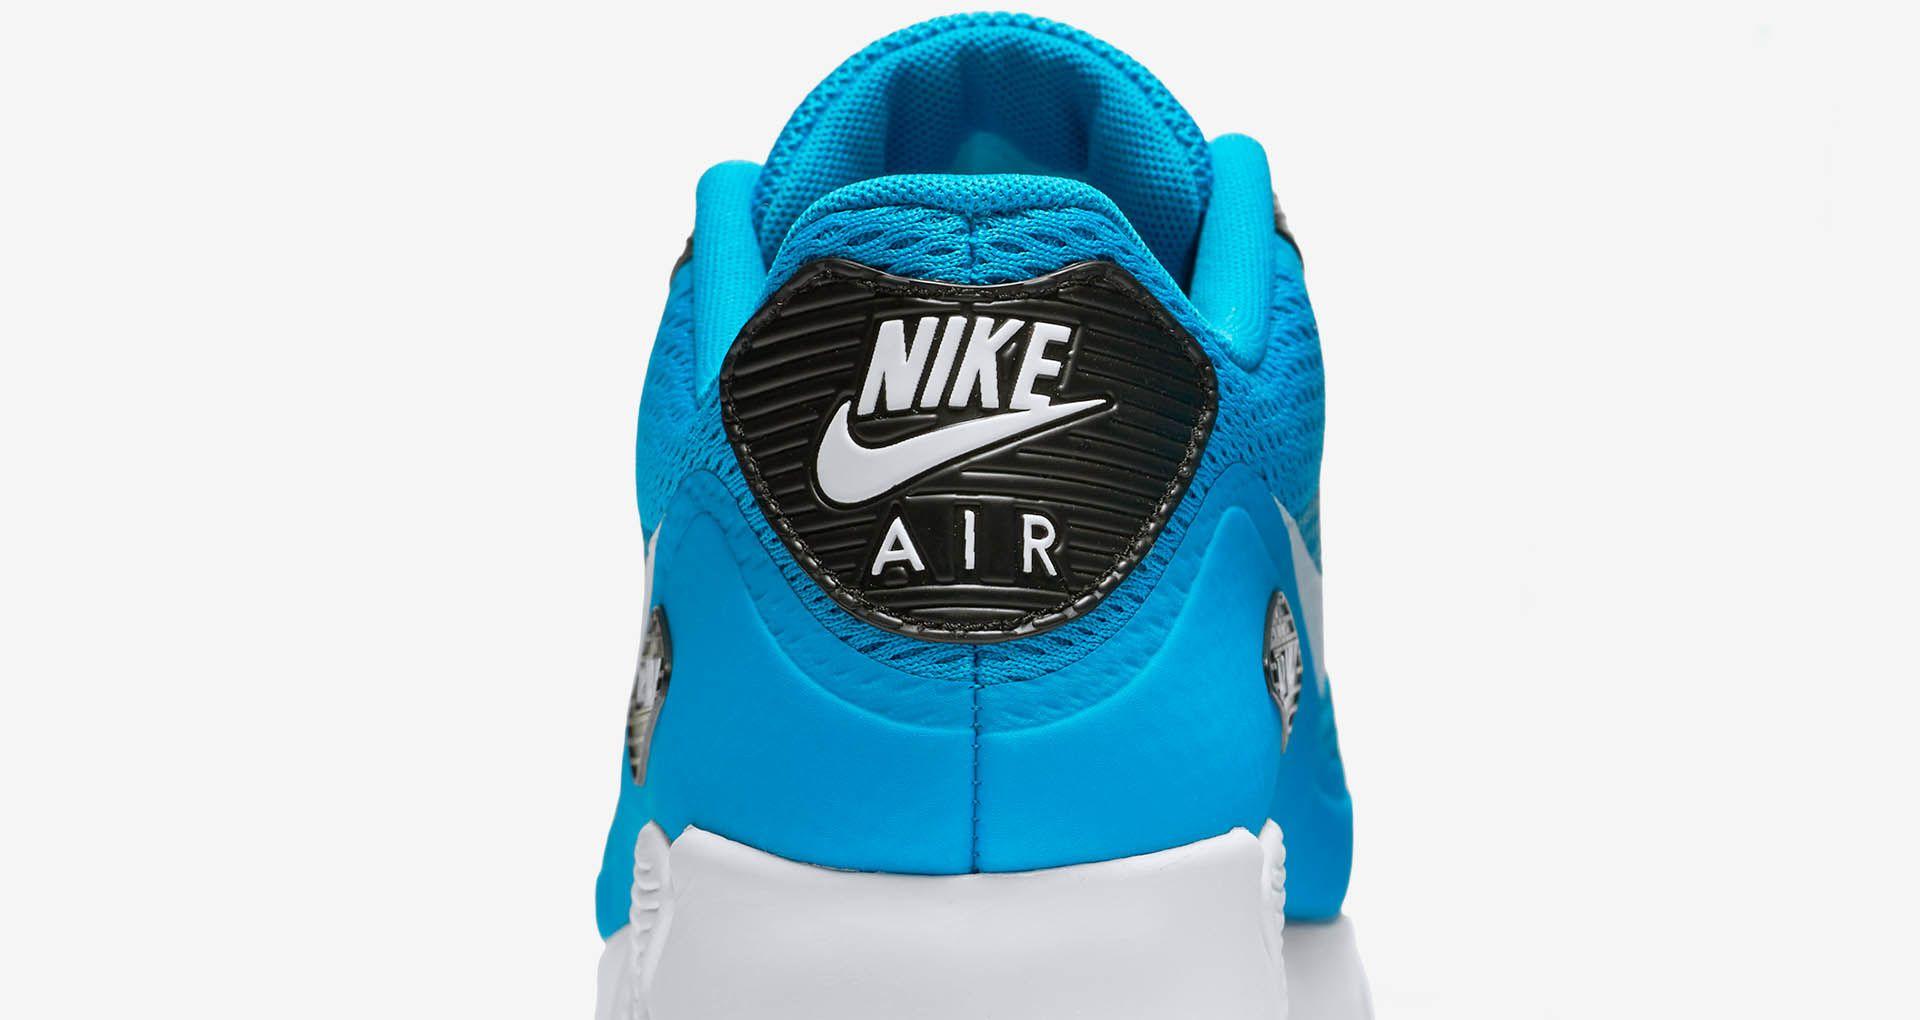 Nike Air Max 90 Ultra 'Vibrant Blue'. Nike+ SNKRS